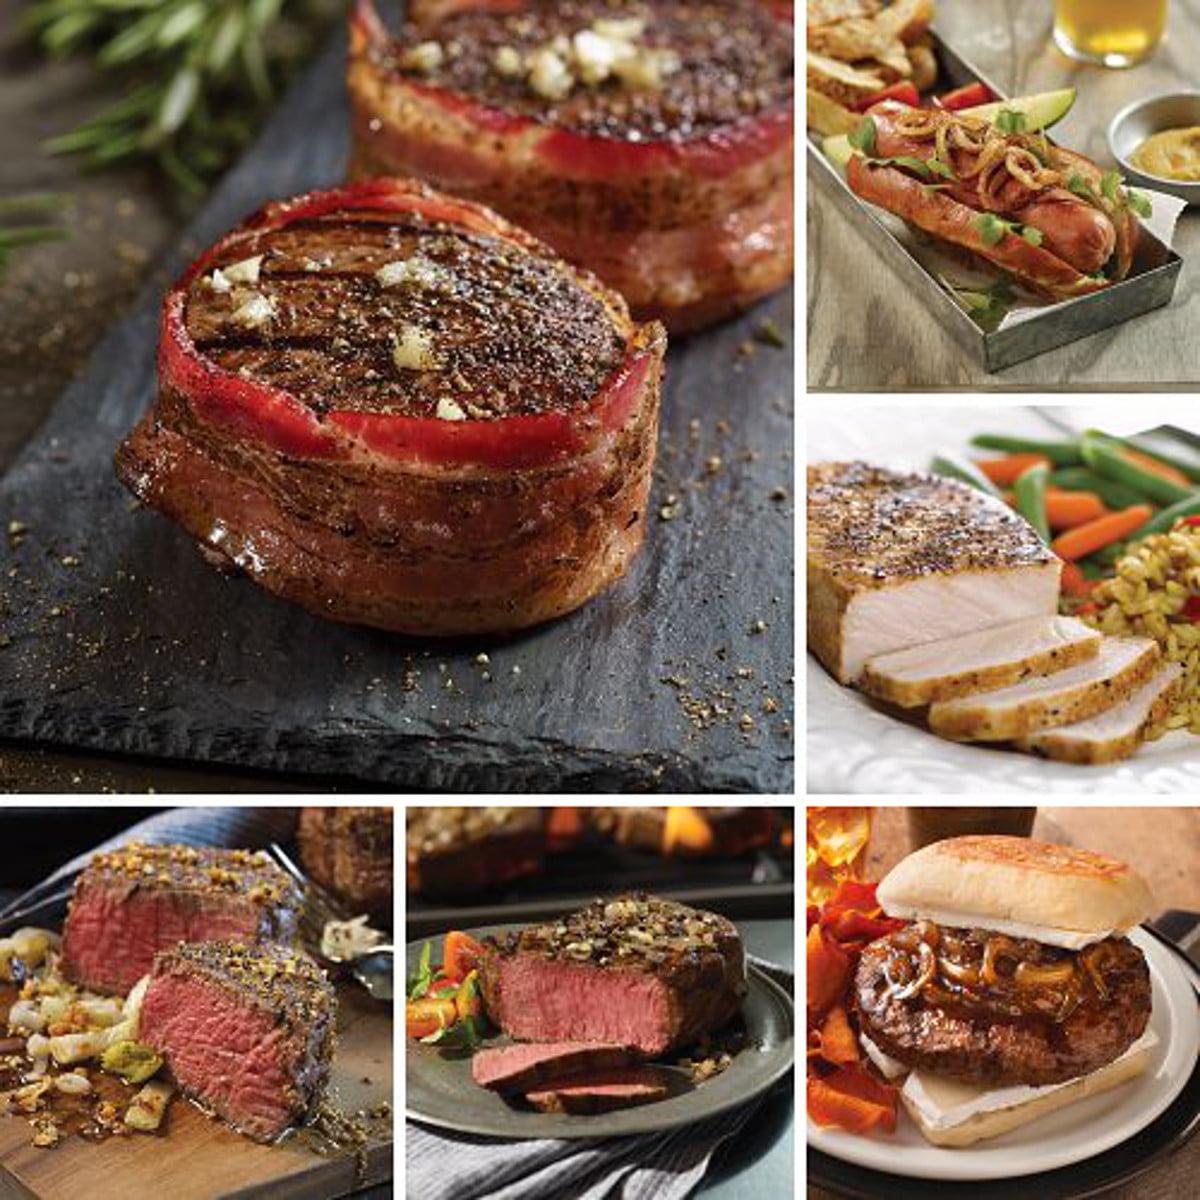 Omaha Steaks Deluxe Gourmet Combo